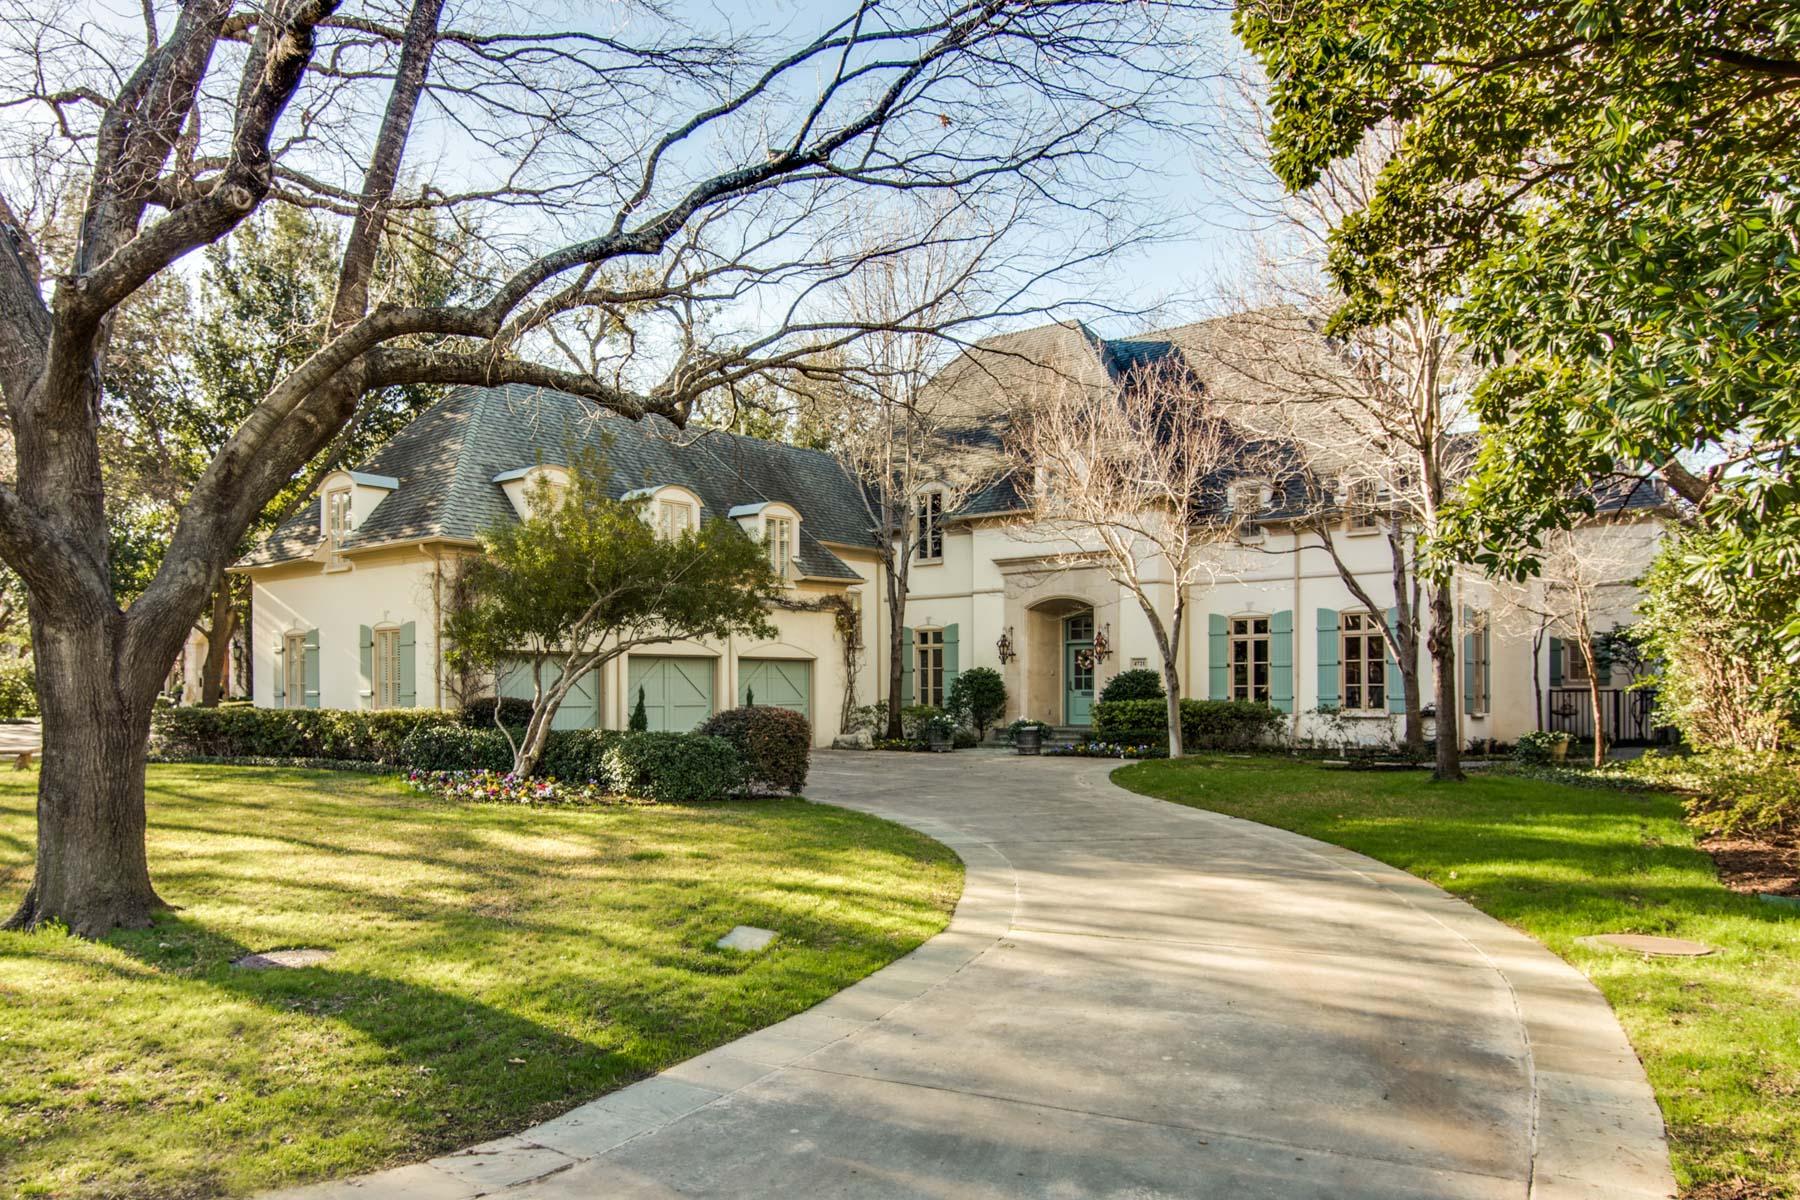 一戸建て のために 売買 アット Gracious Traditional in Bluffview Estates 4721 Cherokee Trl Dallas, テキサス, 75209 アメリカ合衆国